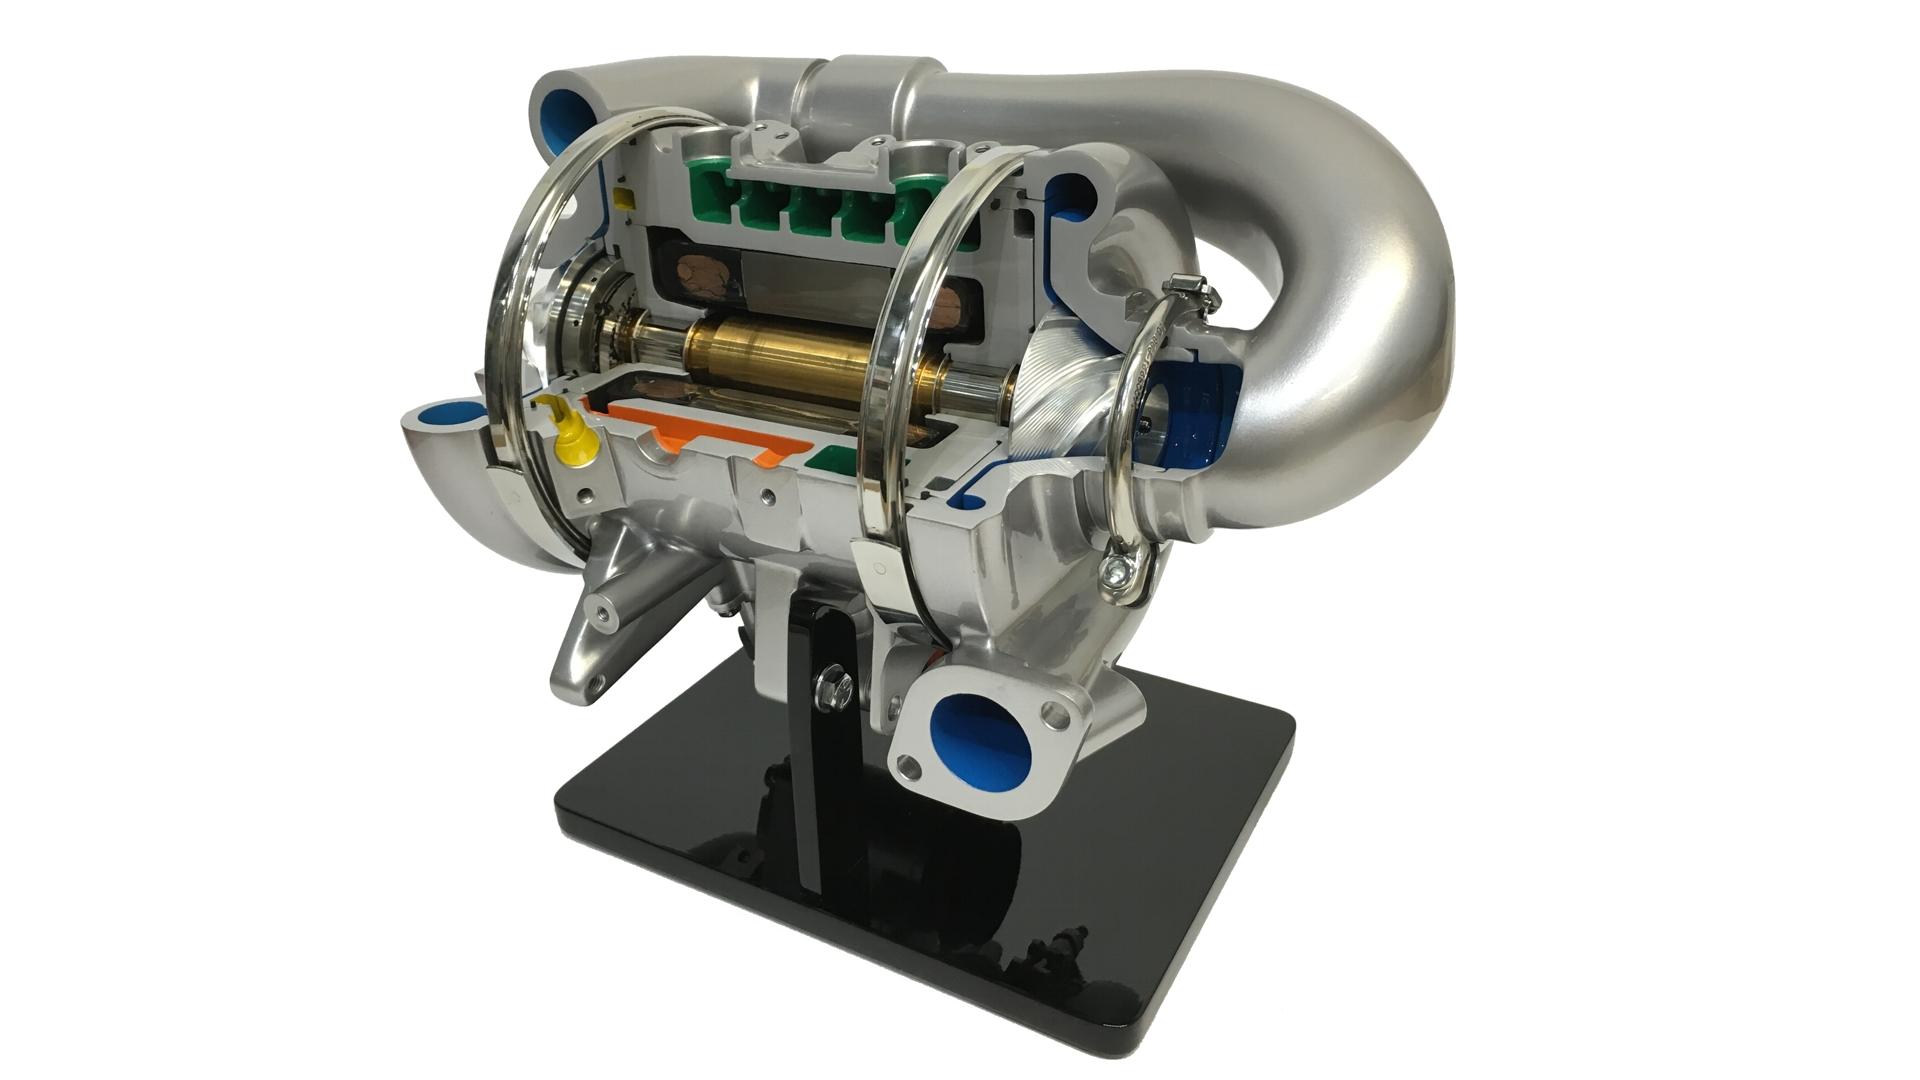 Honeywell Turbo Cutaway Display